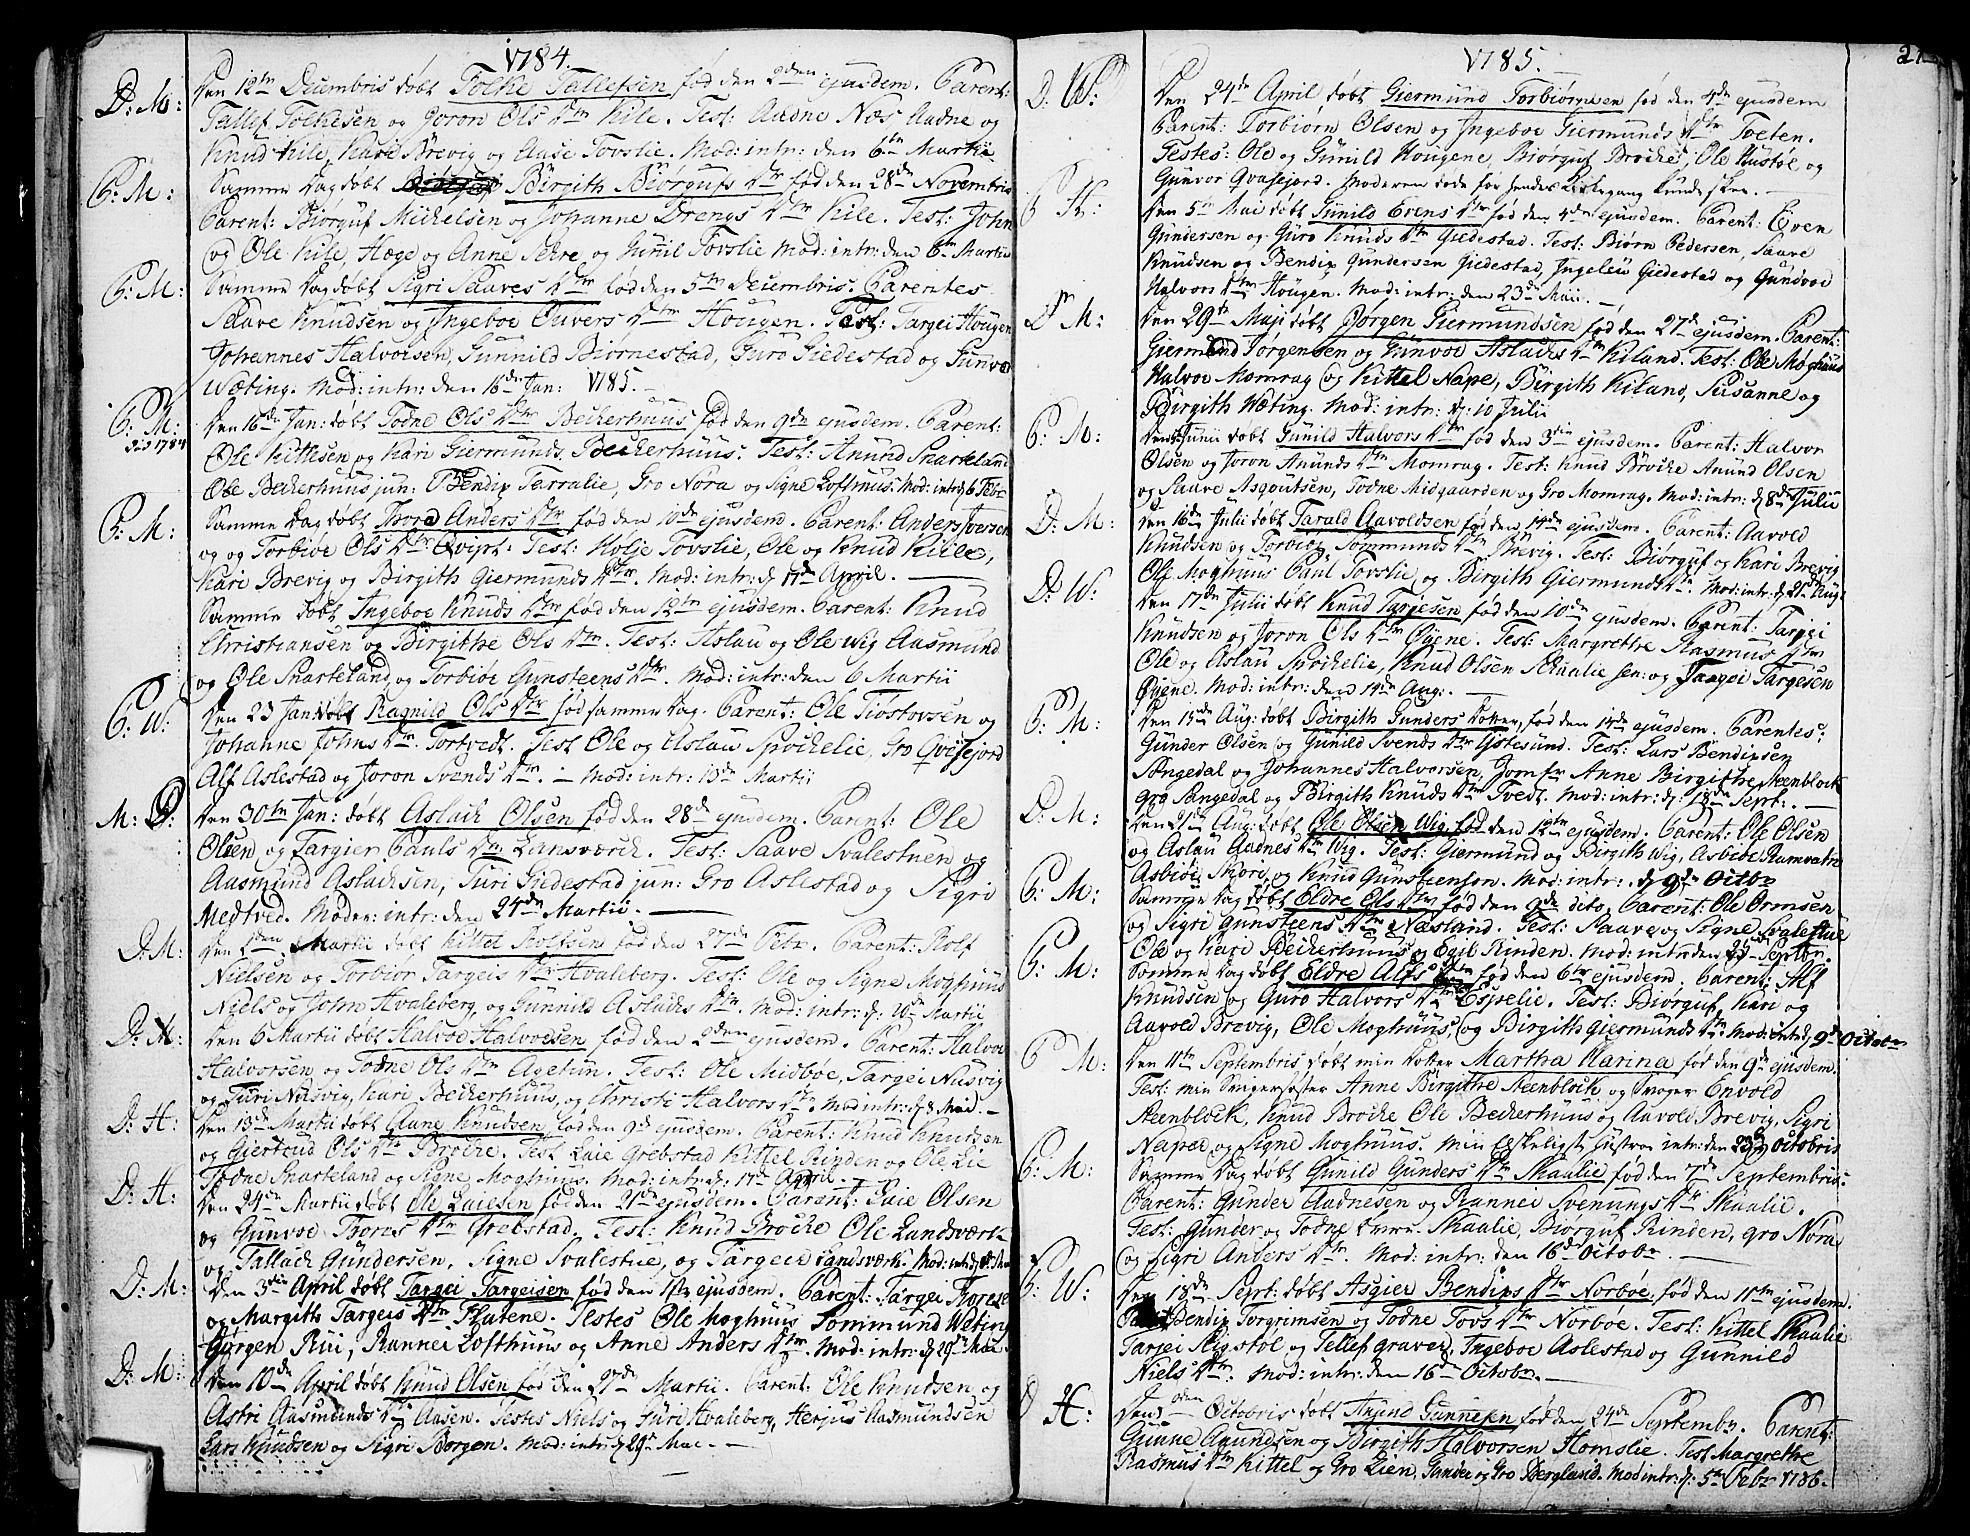 SAKO, Fyresdal kirkebøker, F/Fa/L0002: Ministerialbok nr. I 2, 1769-1814, s. 21